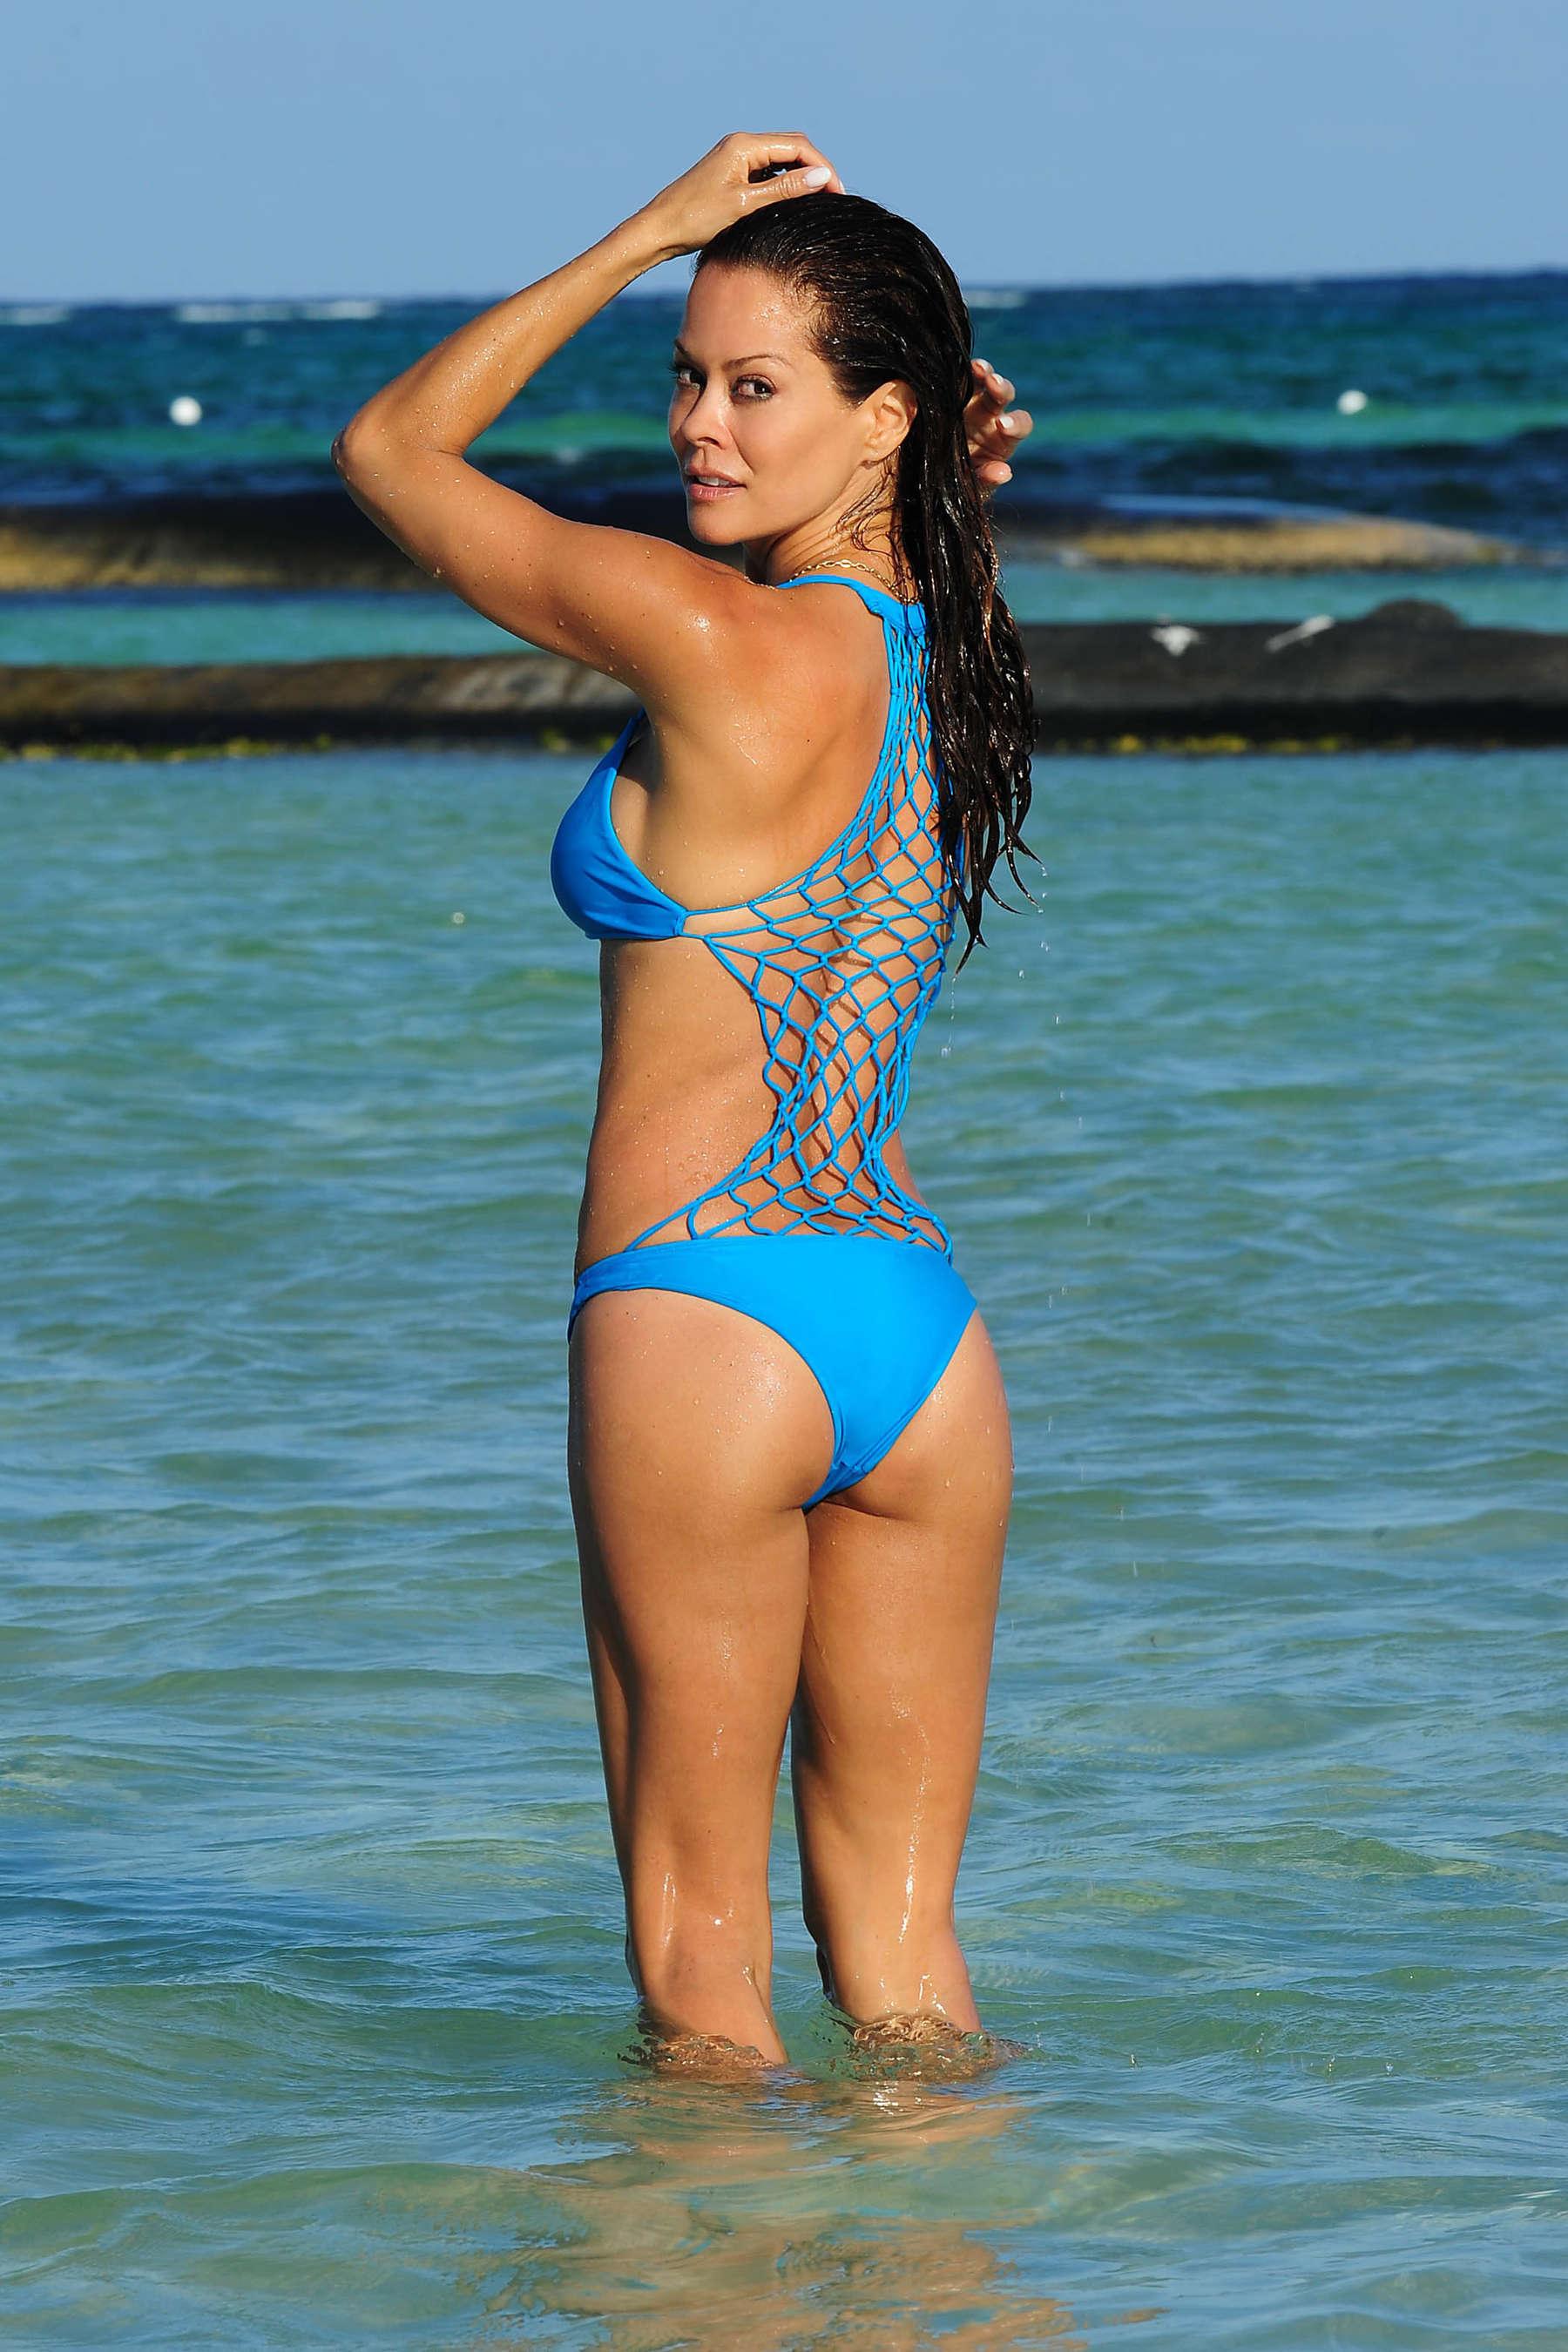 Trade brooke burns bikini With